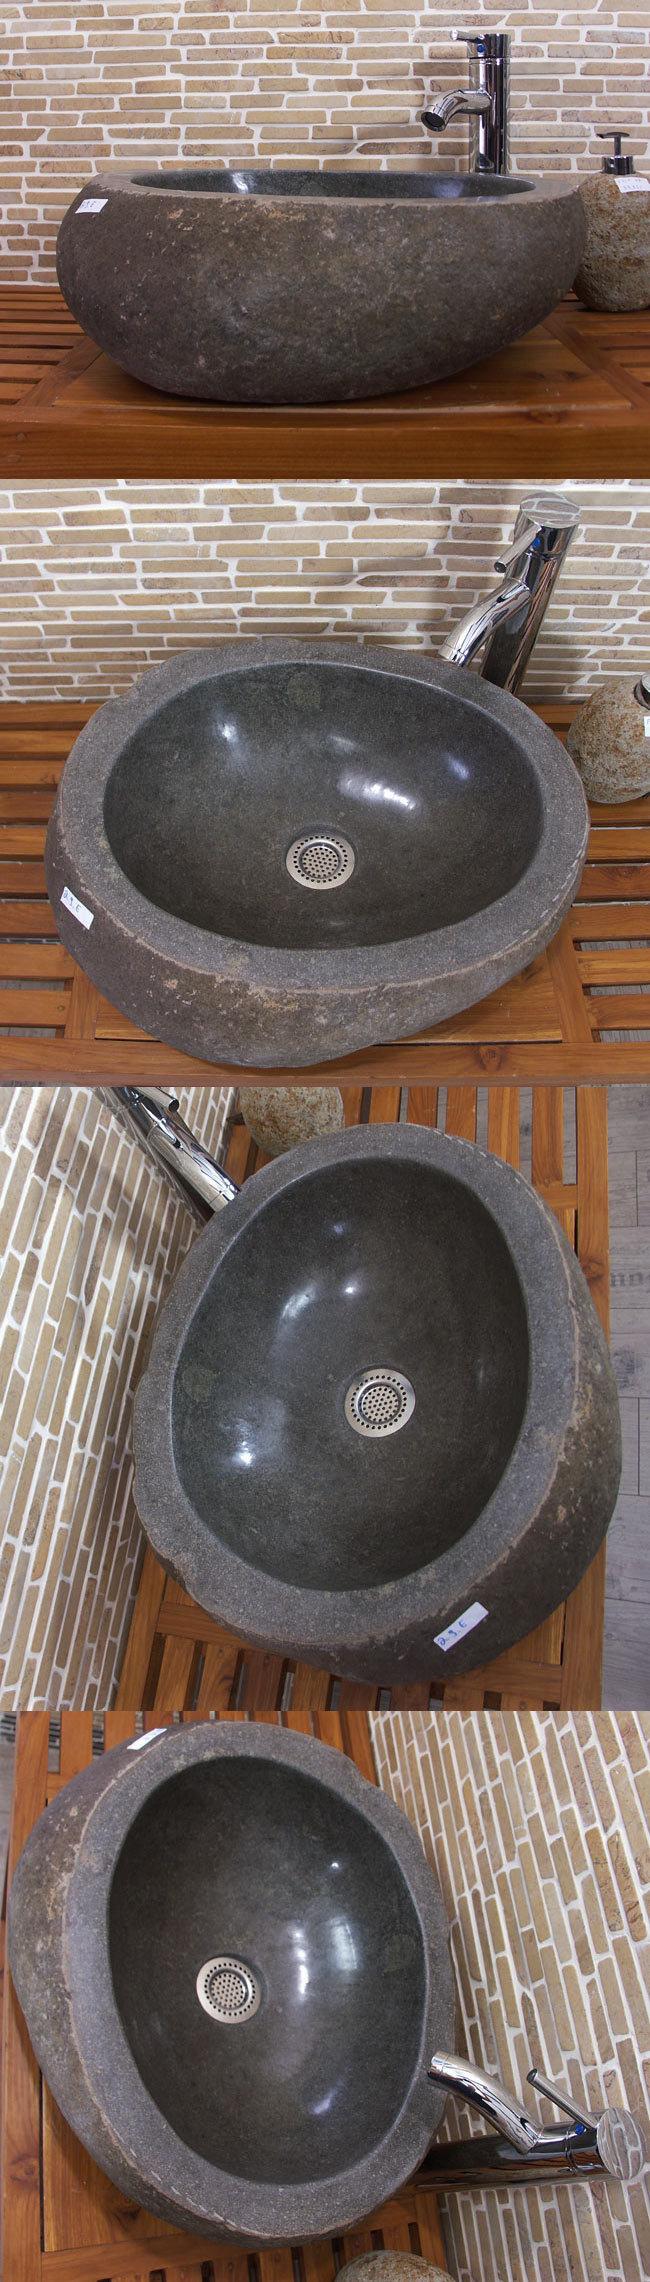 waschbecken aus flussstein bafs 29e ein unikat f r ihr bad. Black Bedroom Furniture Sets. Home Design Ideas